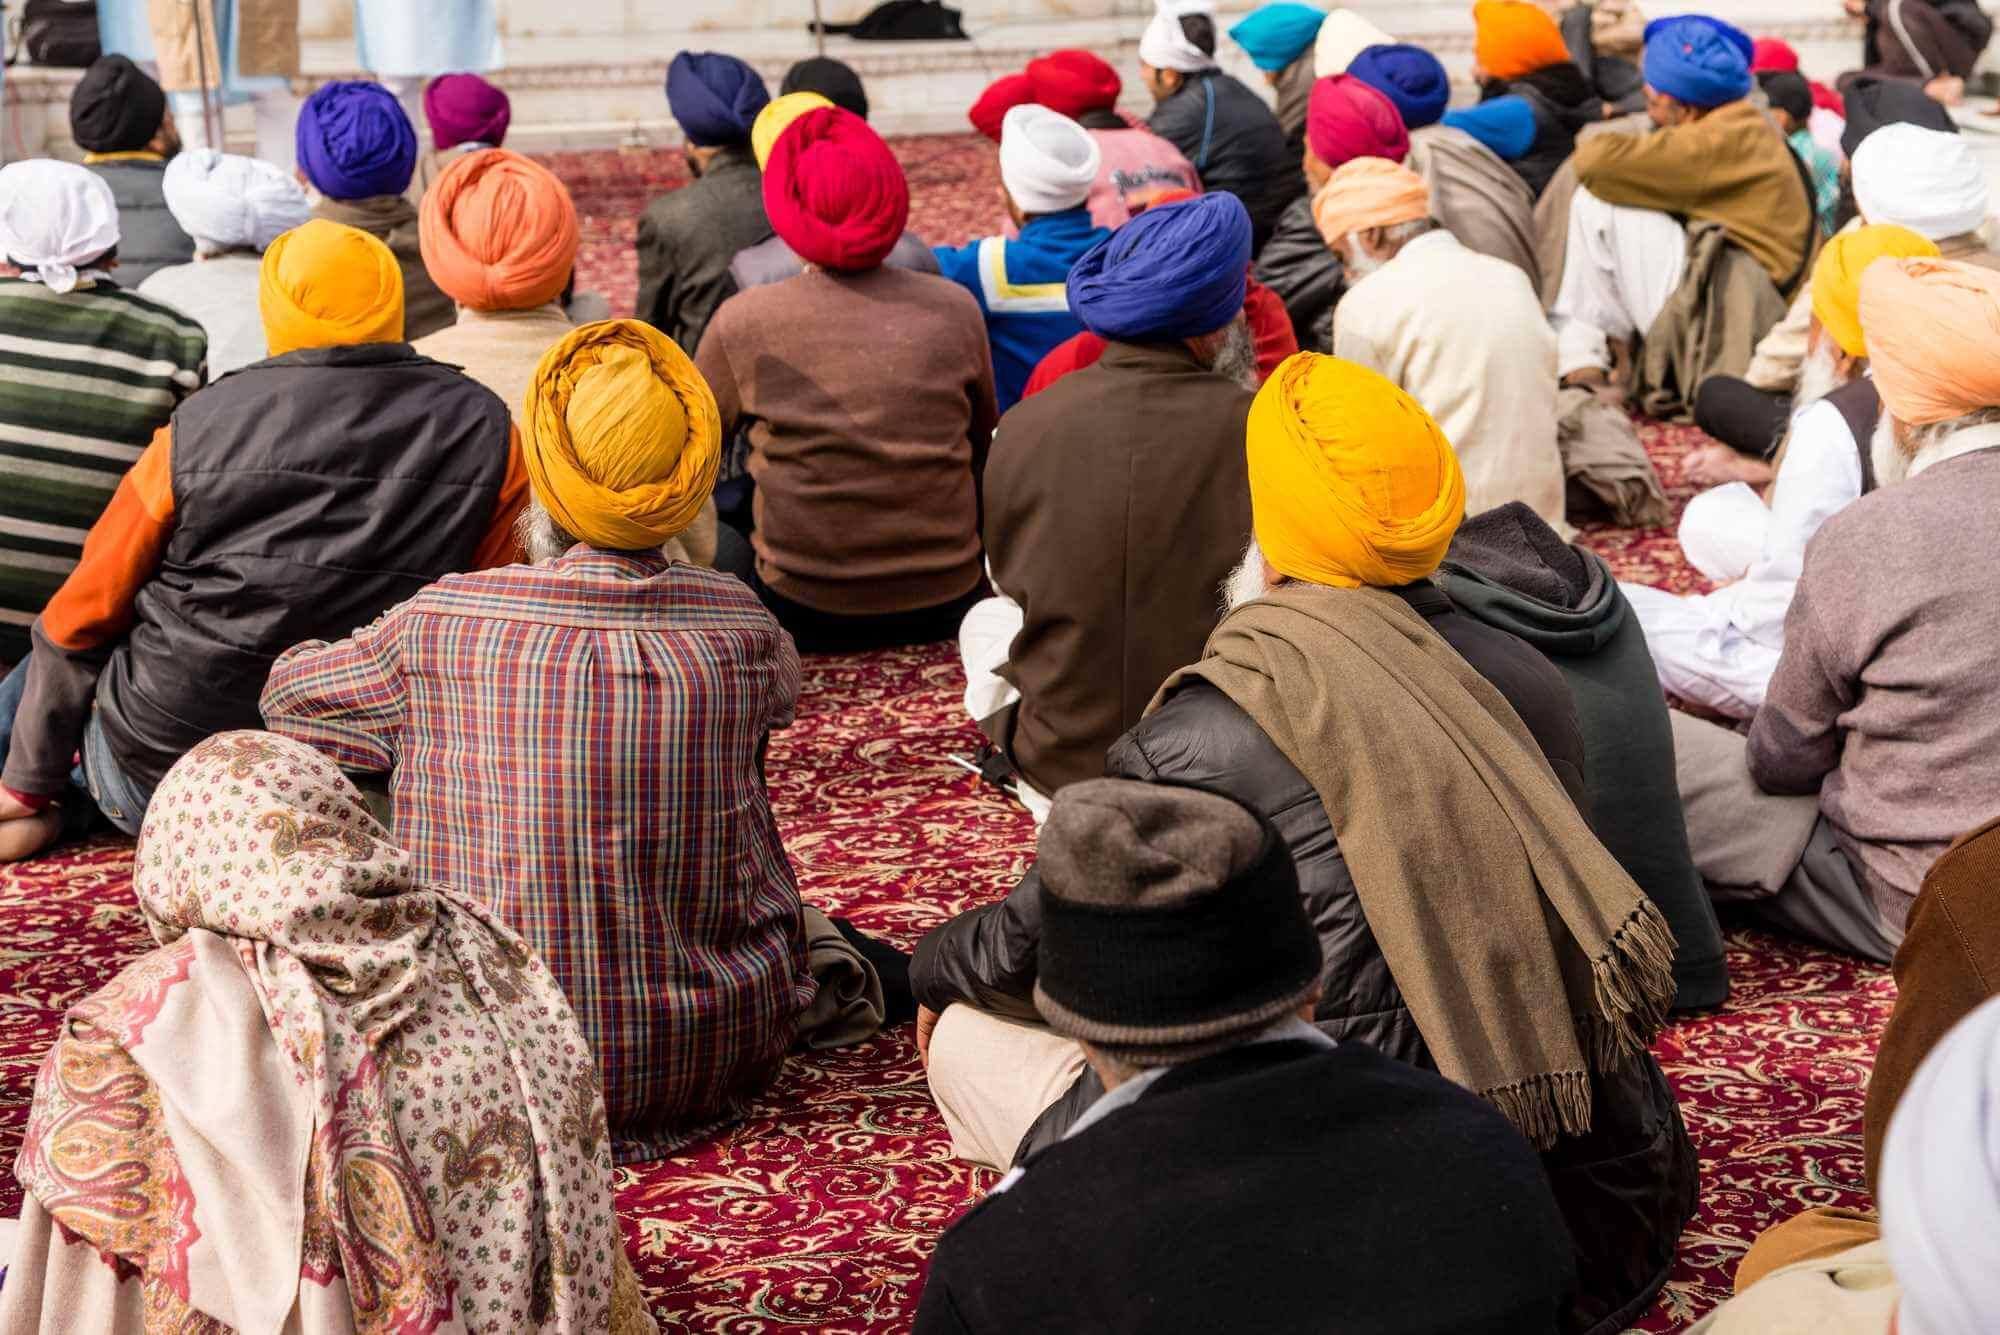 sikhs praying in a gurdwara